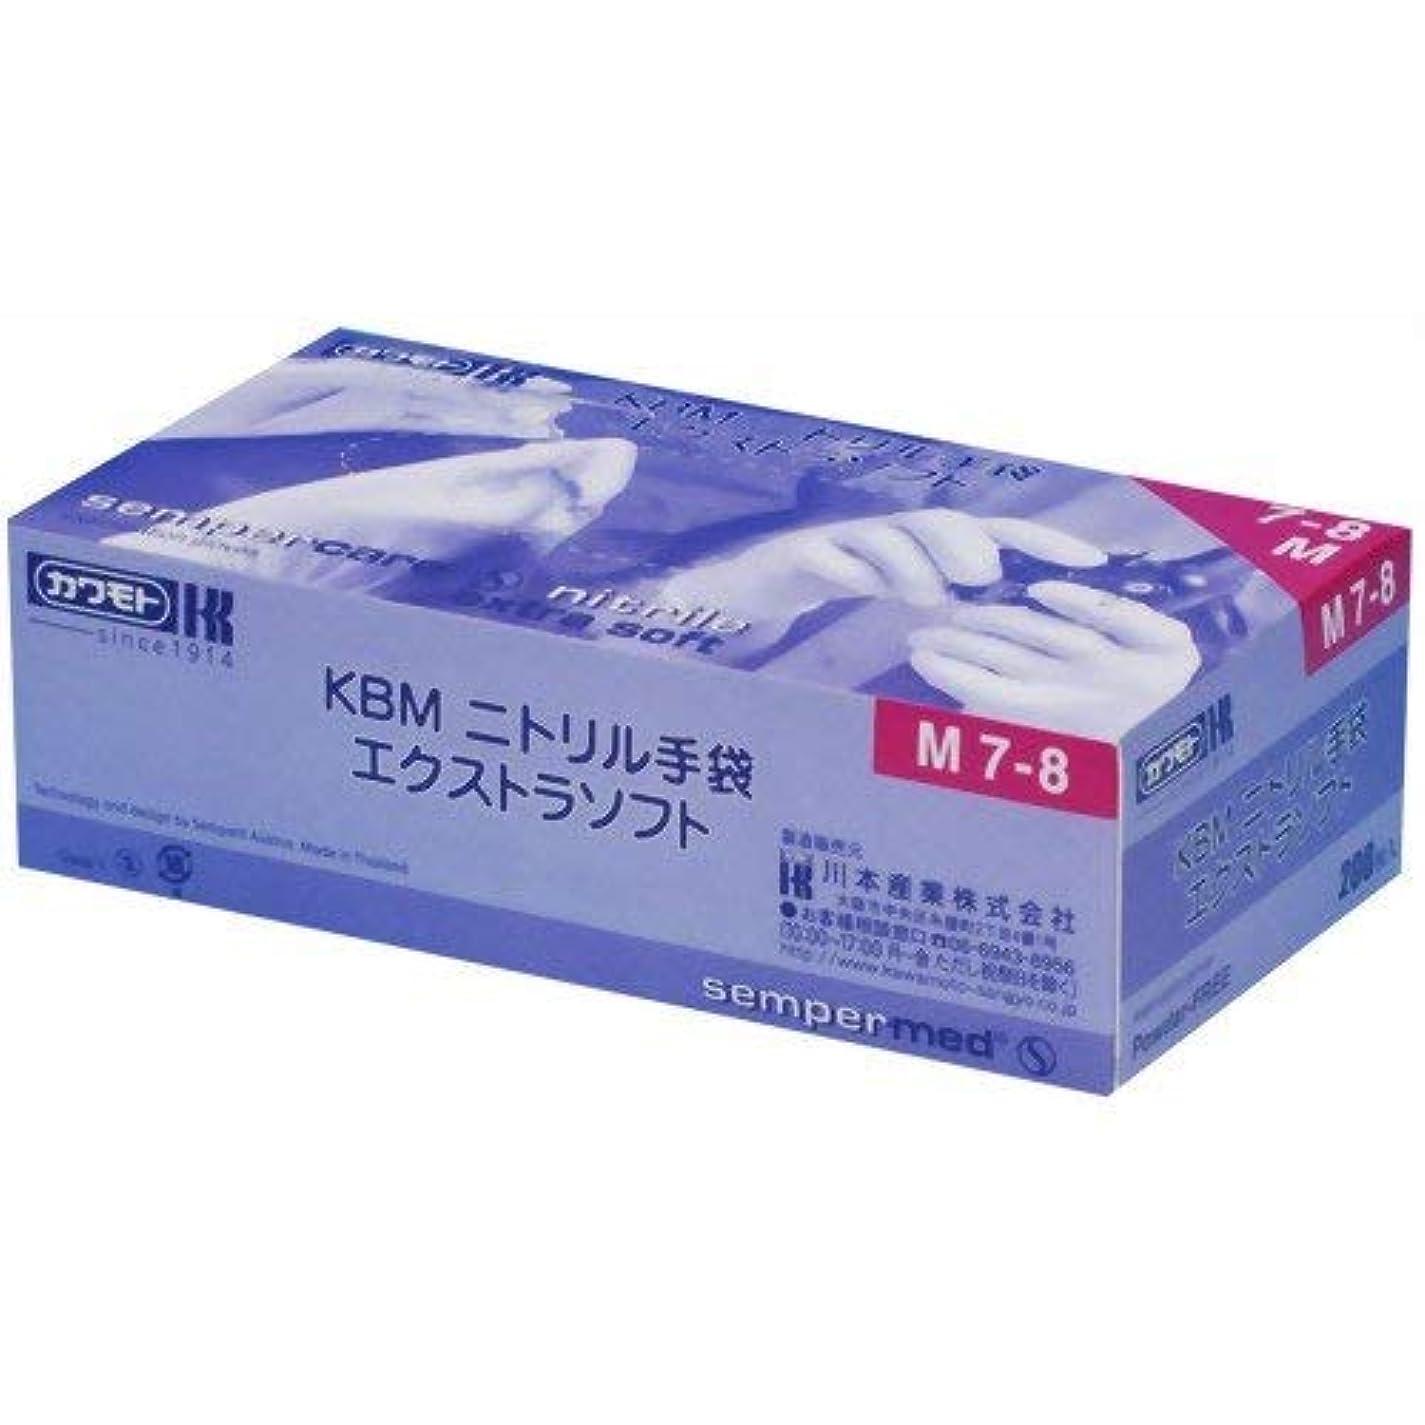 親愛な送料終わらせる川本産業 KBMニトリル手袋 エクストラソフト S 200枚入 × 48個セット